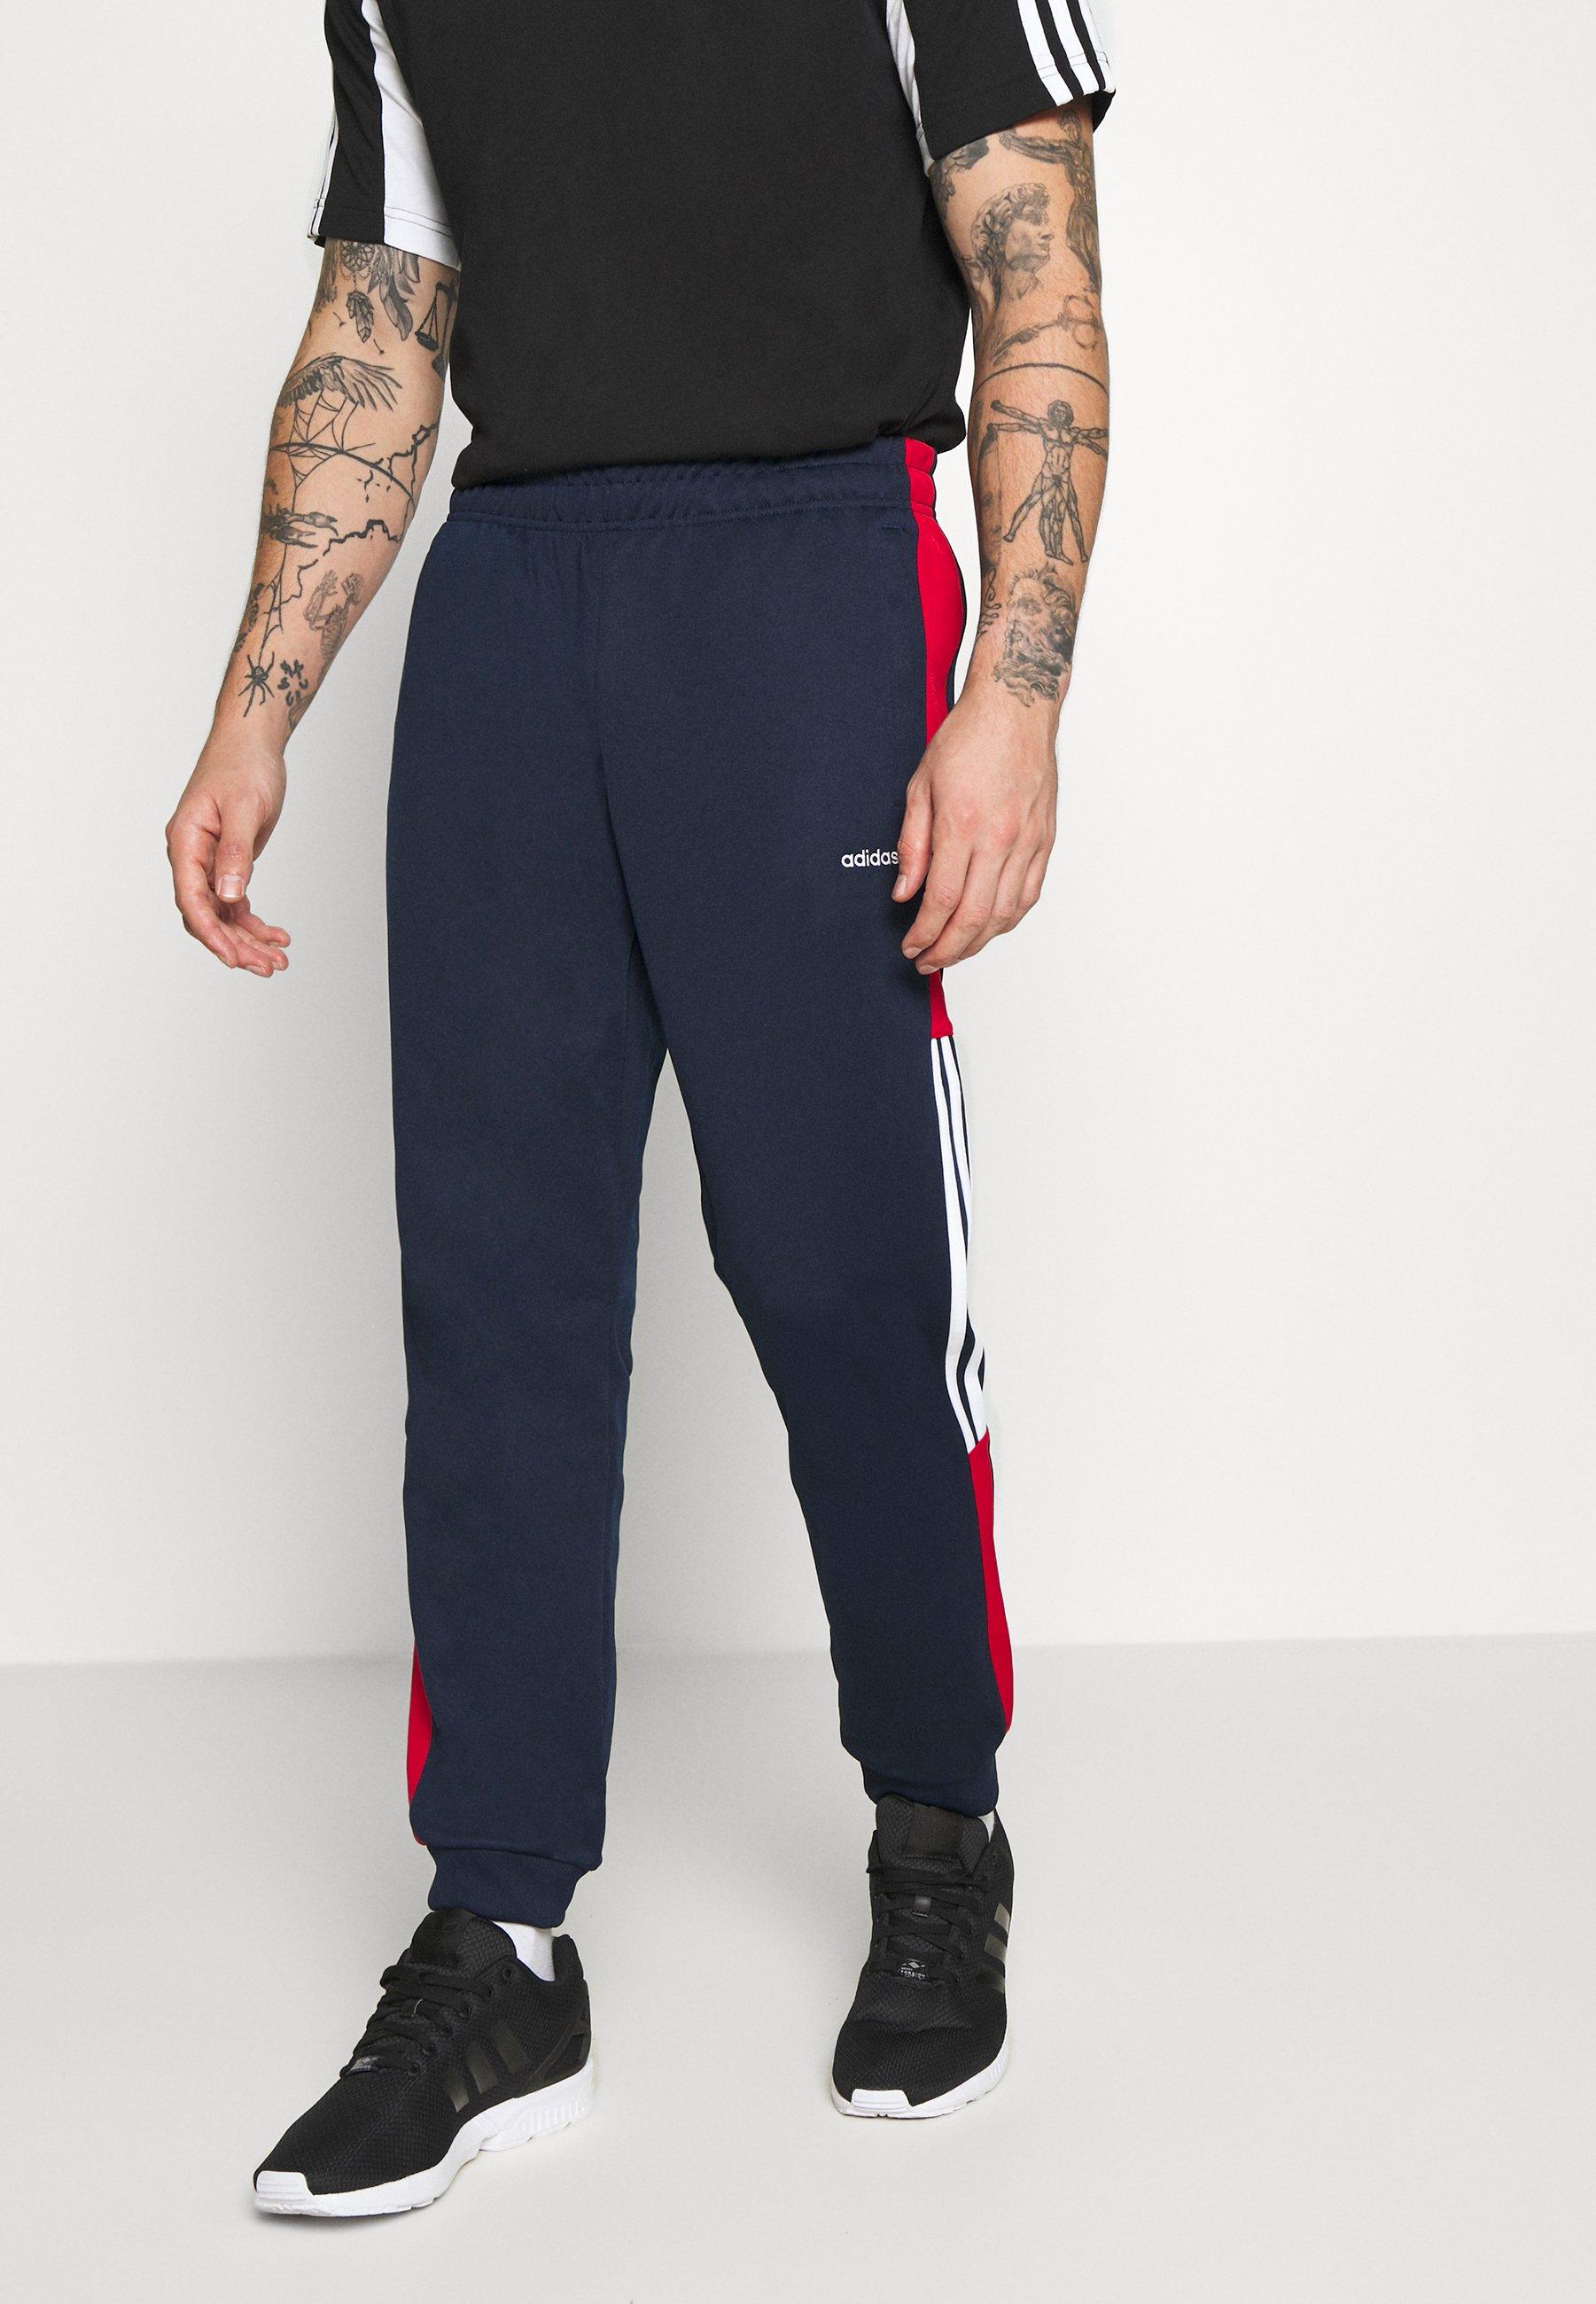 Adidas Joggebukser | Herre | Nye kolleksjoner online på Zalando